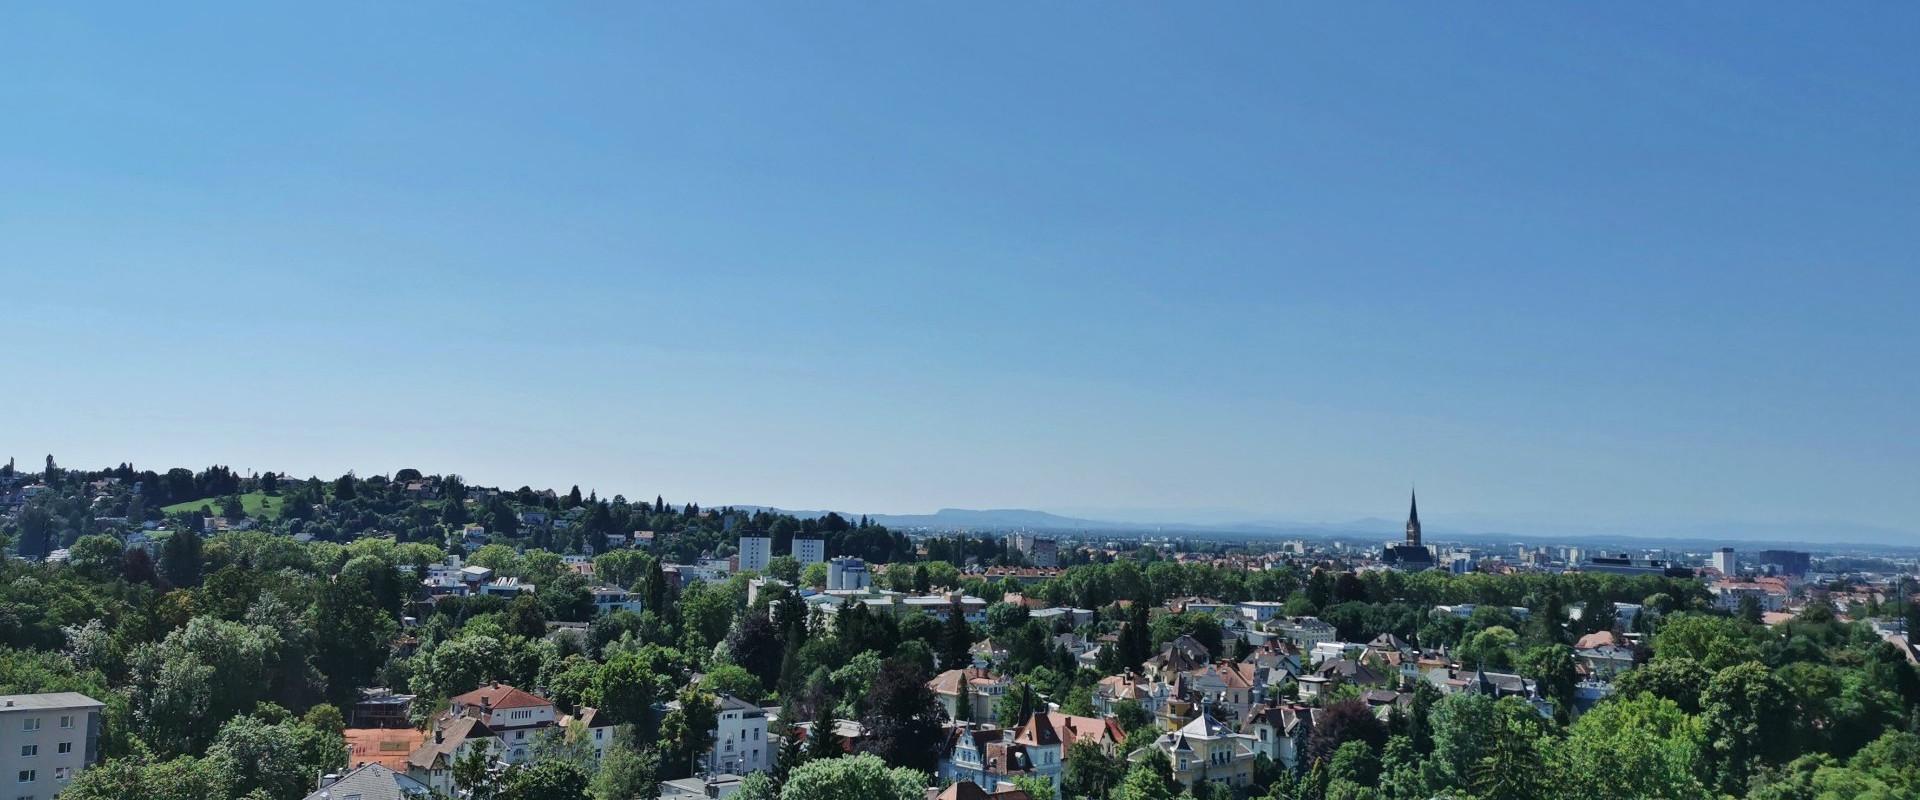 Blick auf St.Leonhard Graz